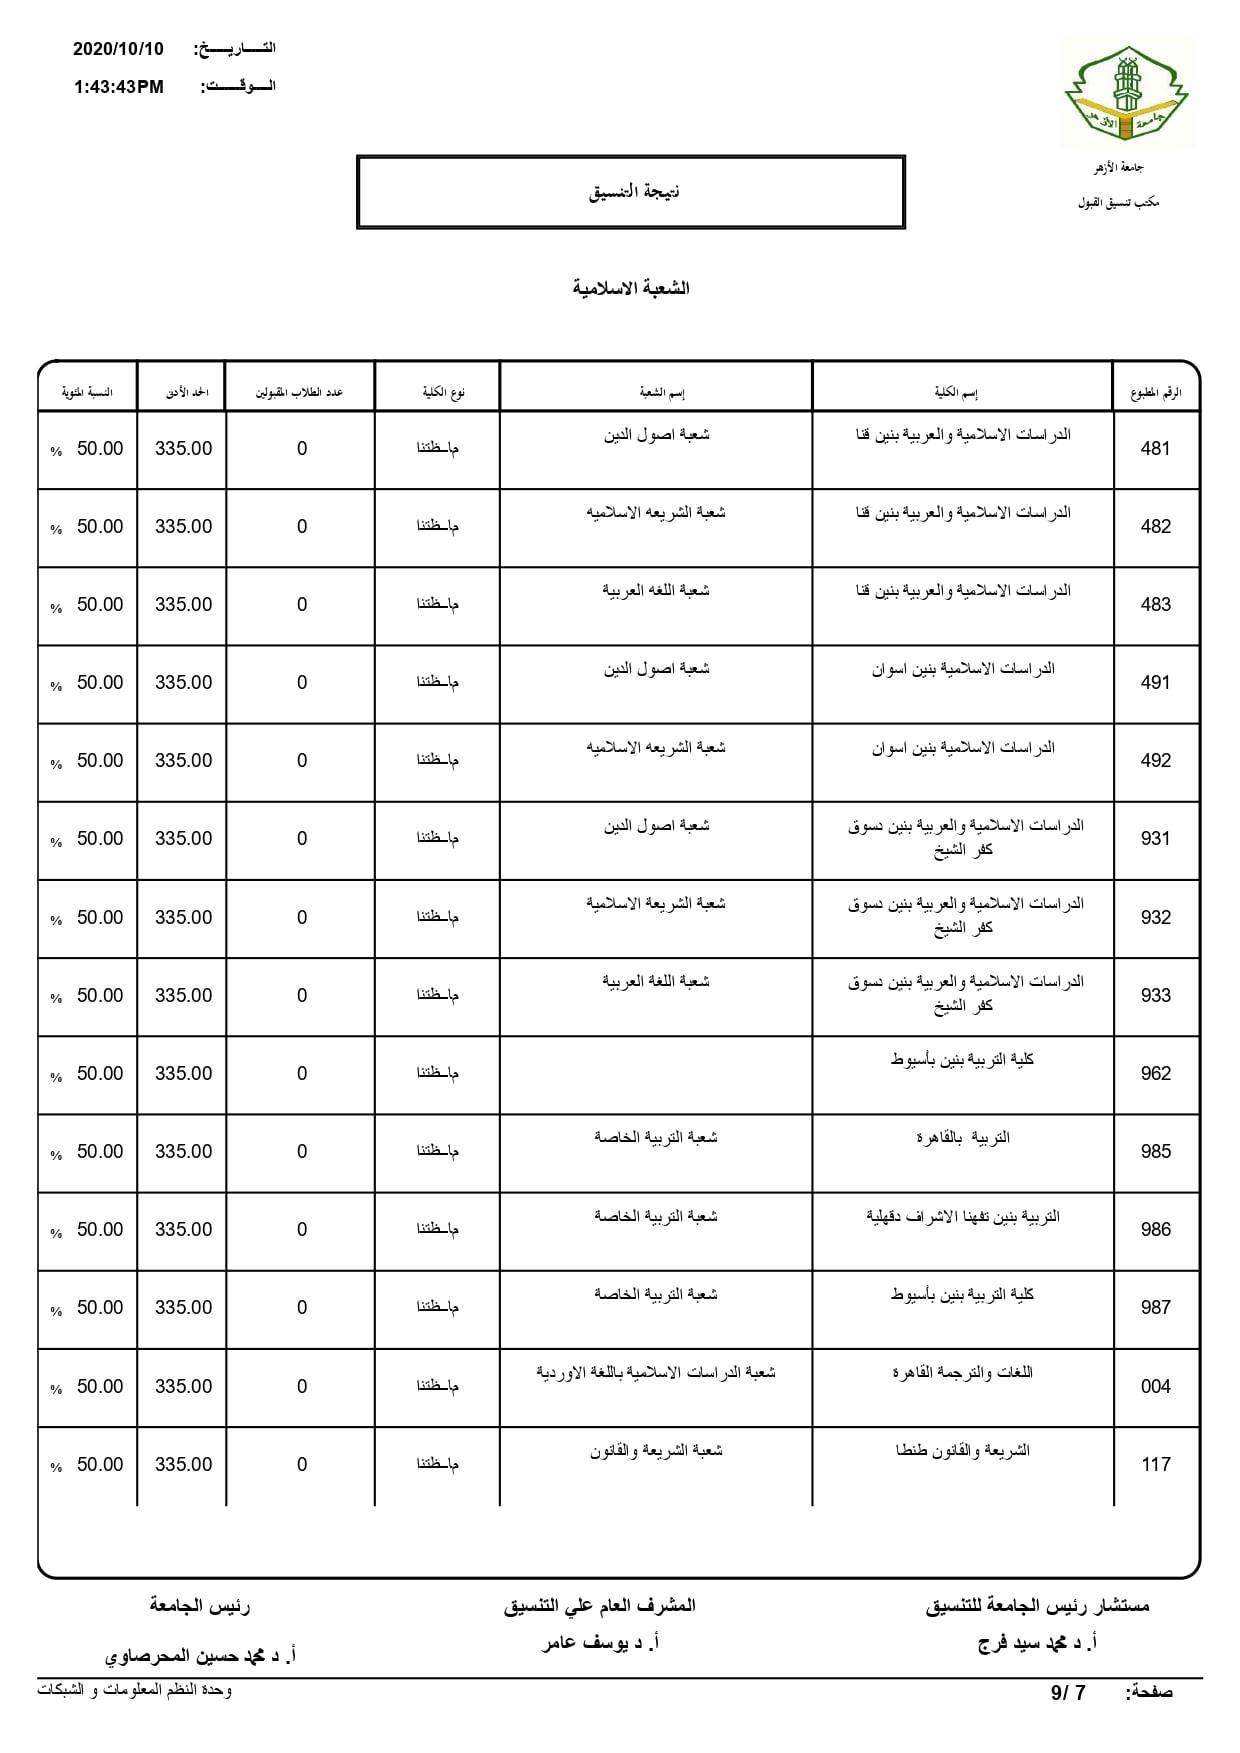 نتيجة تنسيق كليات جامعة الأزهر لعام 2020 بالكامل 20201010195914948